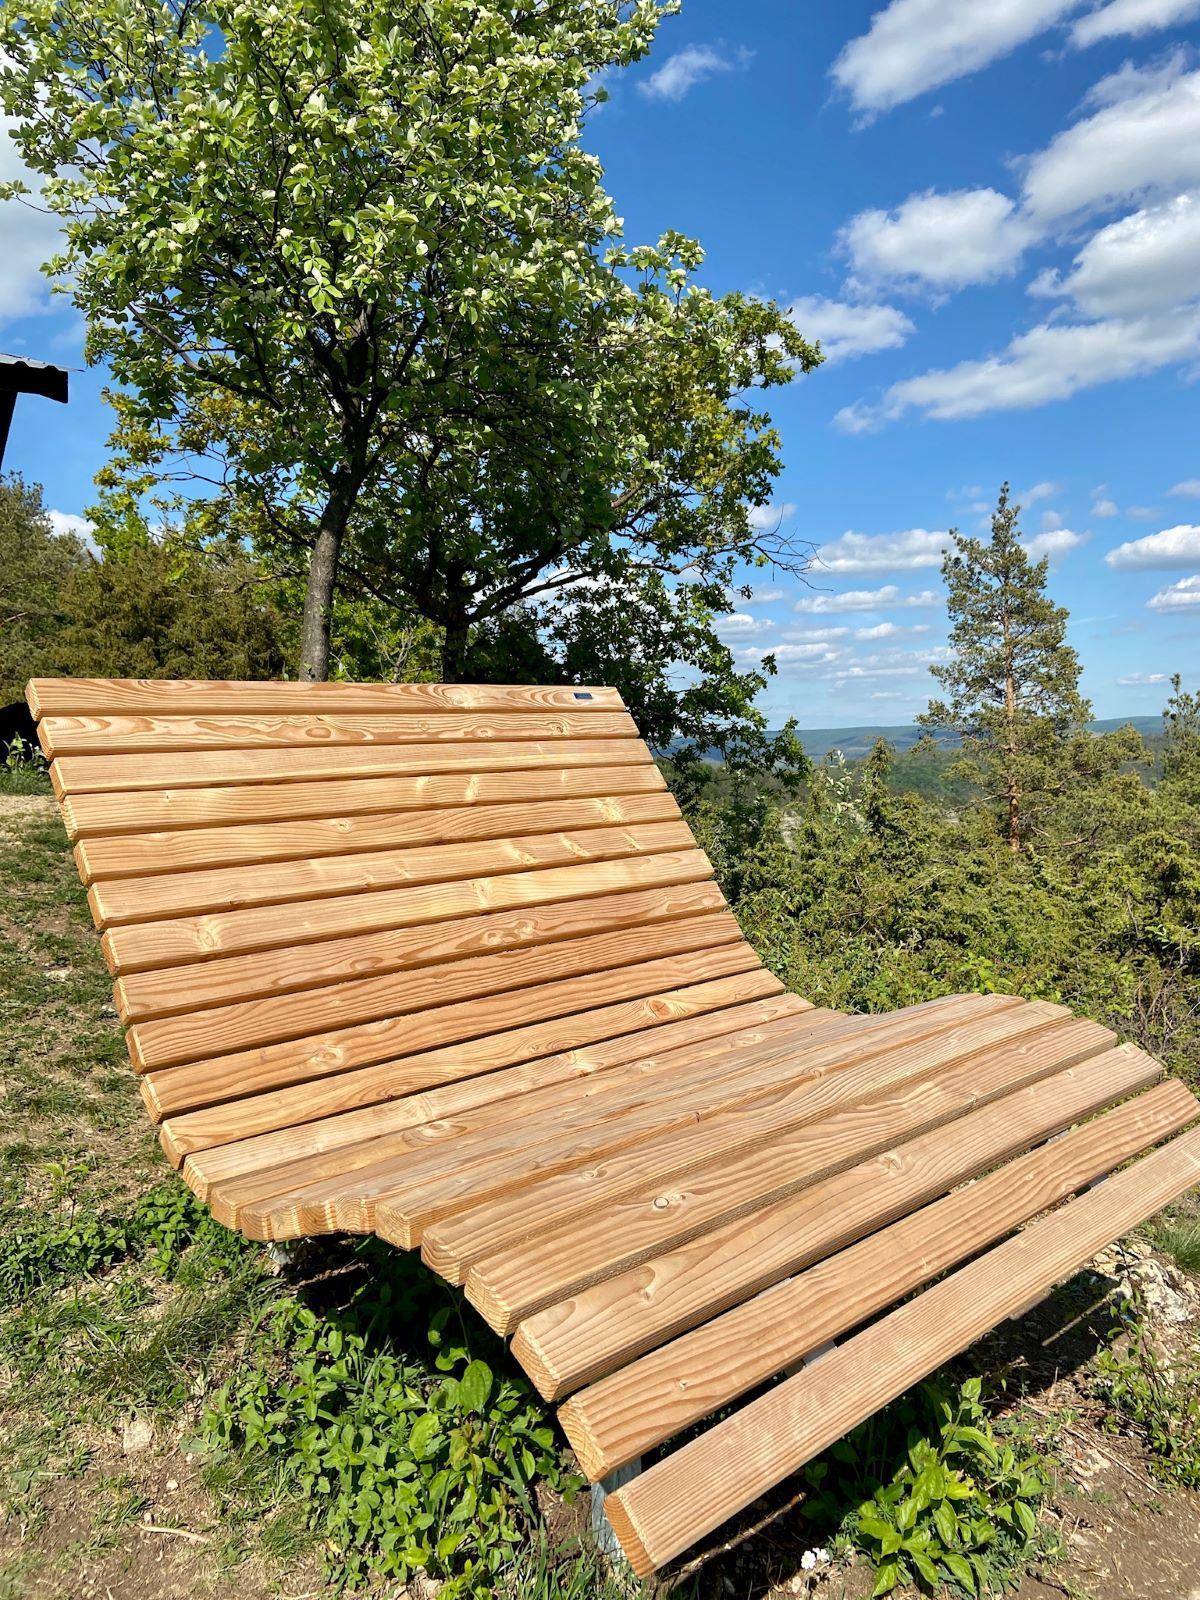 Neues Sonnensofa am Wisch bei Creuzburg – Entspannen im Naturpark bei traumhafter Kulisse